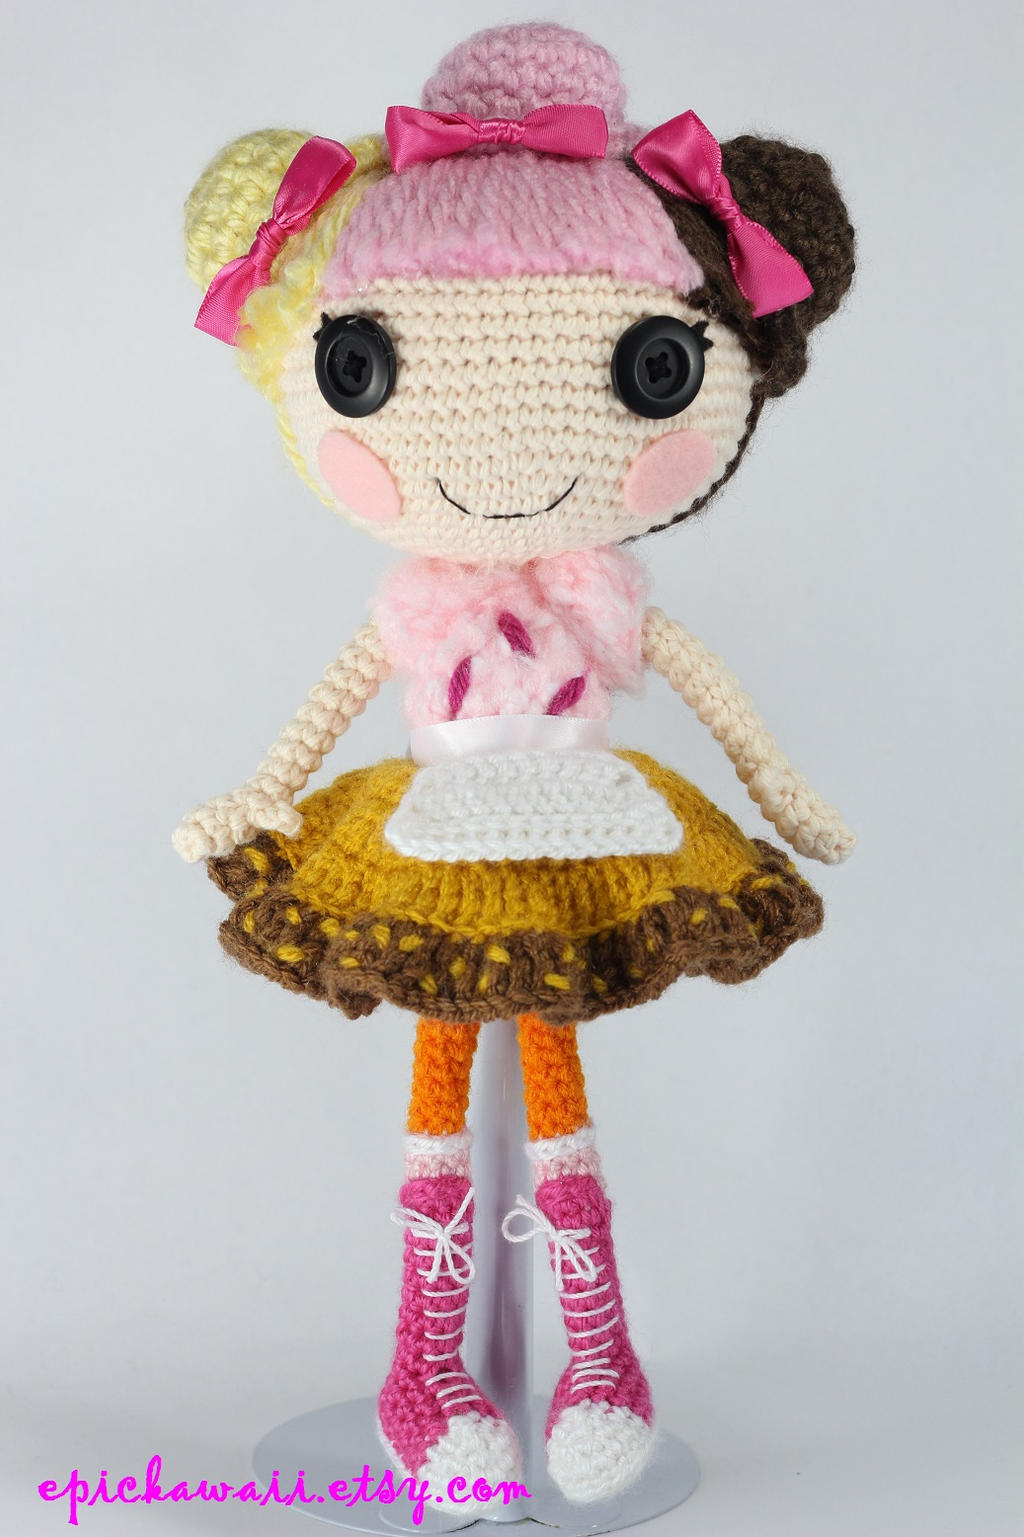 Amigurumi Klesik Doll : LALALOOPSY Scoops Waffle Cone Amigurumi Doll by Npantz22 ...